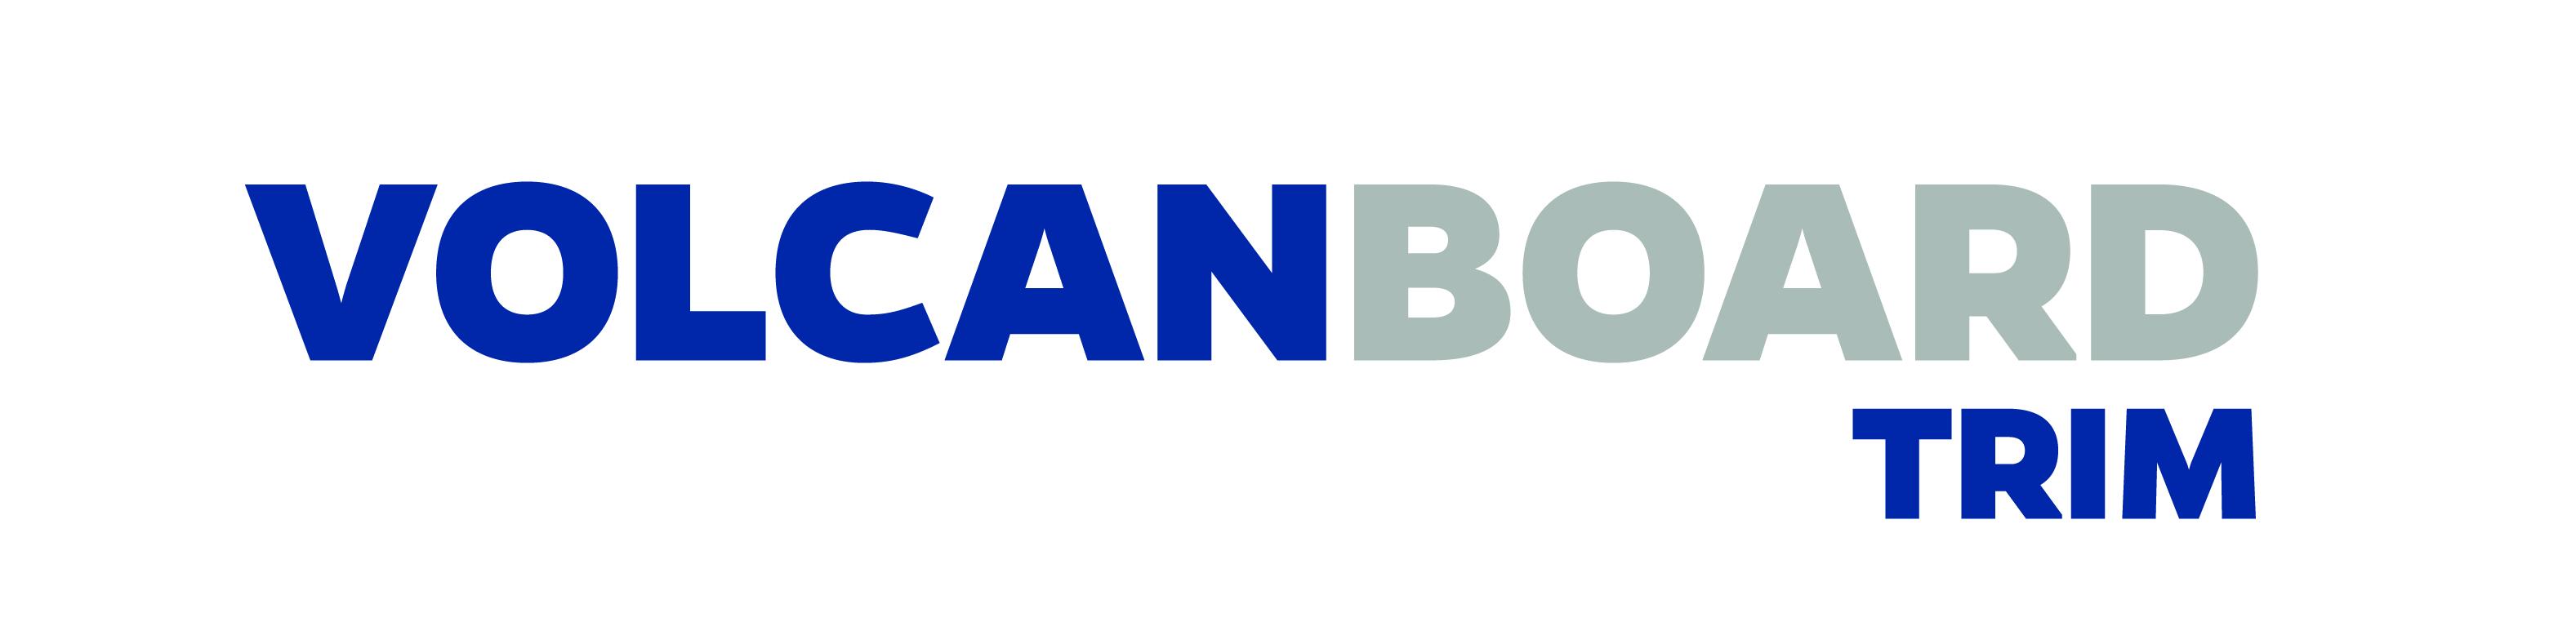 logotipo volcanboard trim texturado fibrocemento